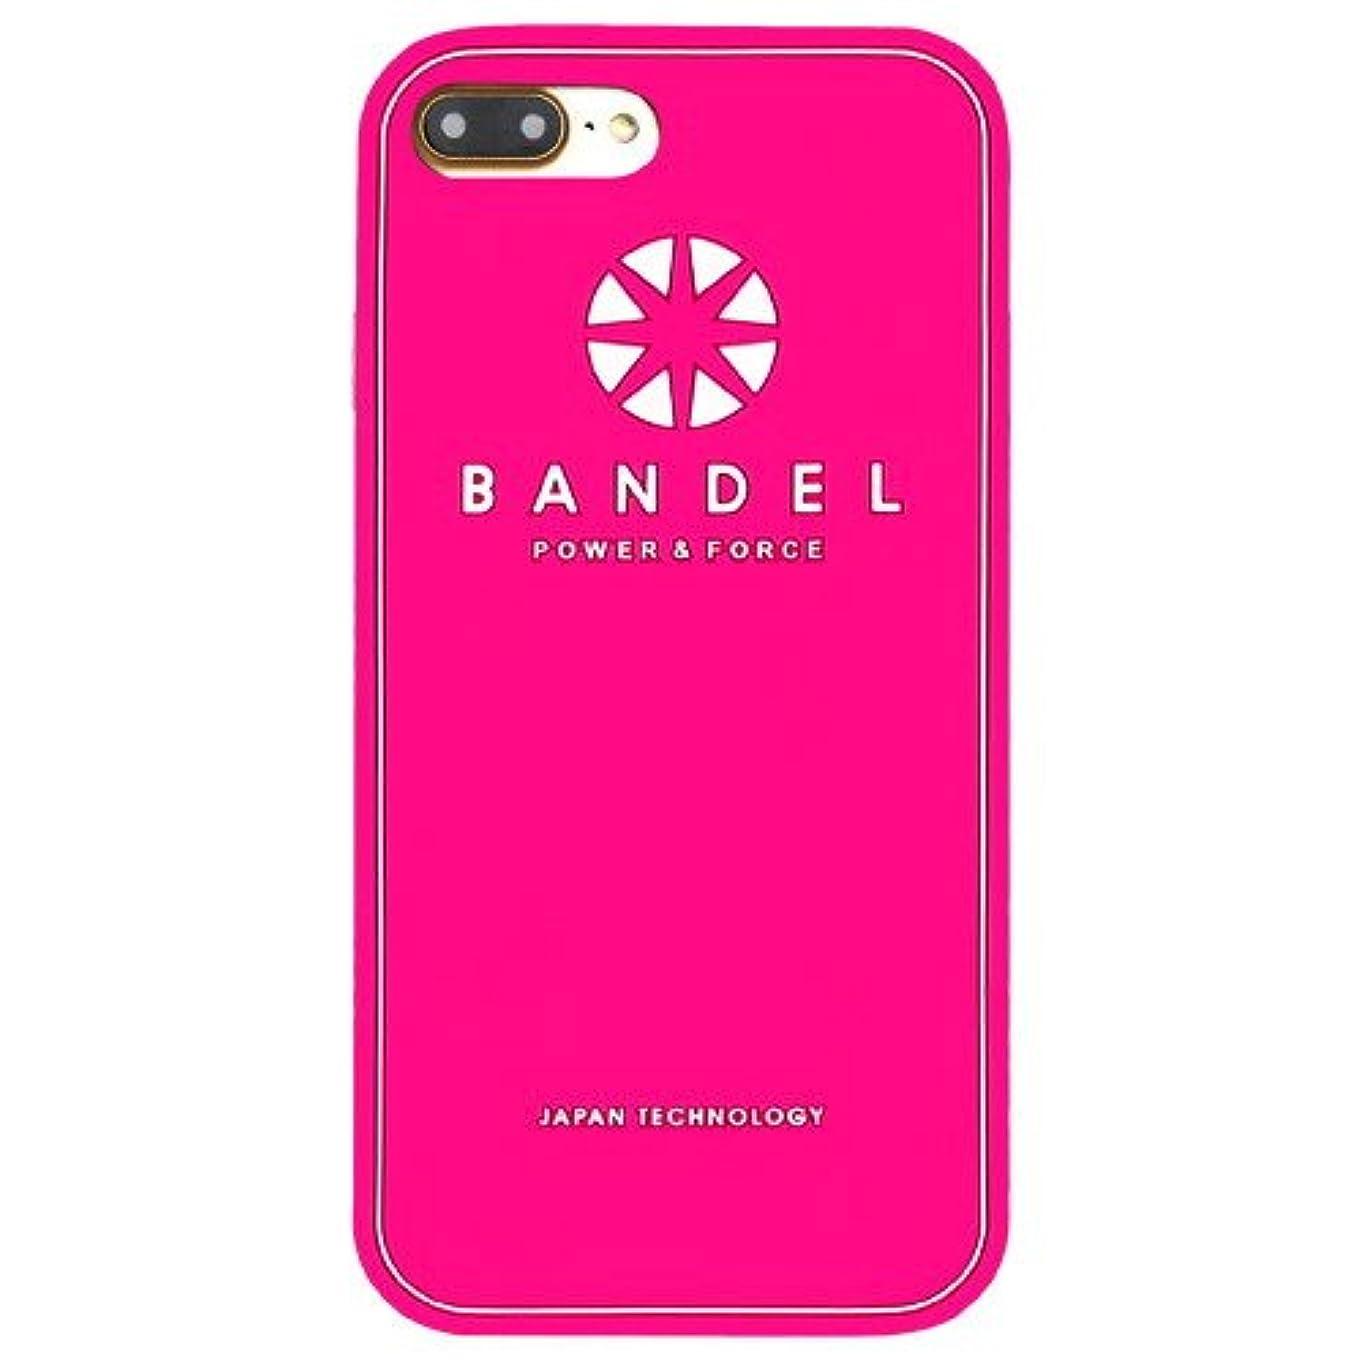 ファンド性差別エンドウバンデル(BANDEL) ロゴ iPhone 7 Plus専用 シリコンケース [ピンク]